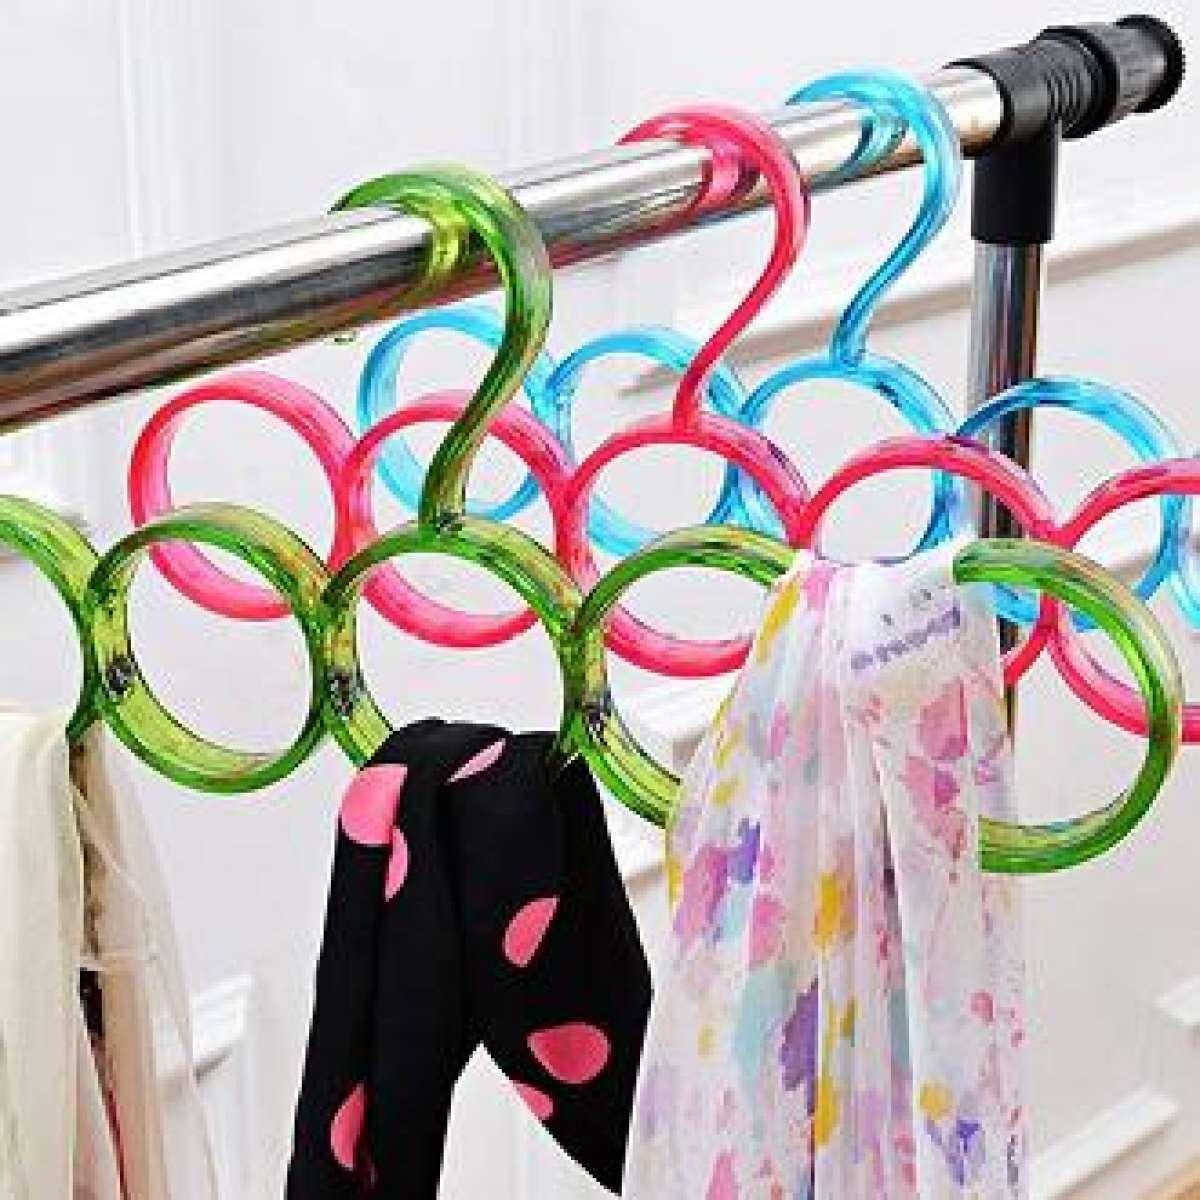 150 Black Scarf Shawl Hangers Tie Holder Organizer Hanger Plastic Storage Round